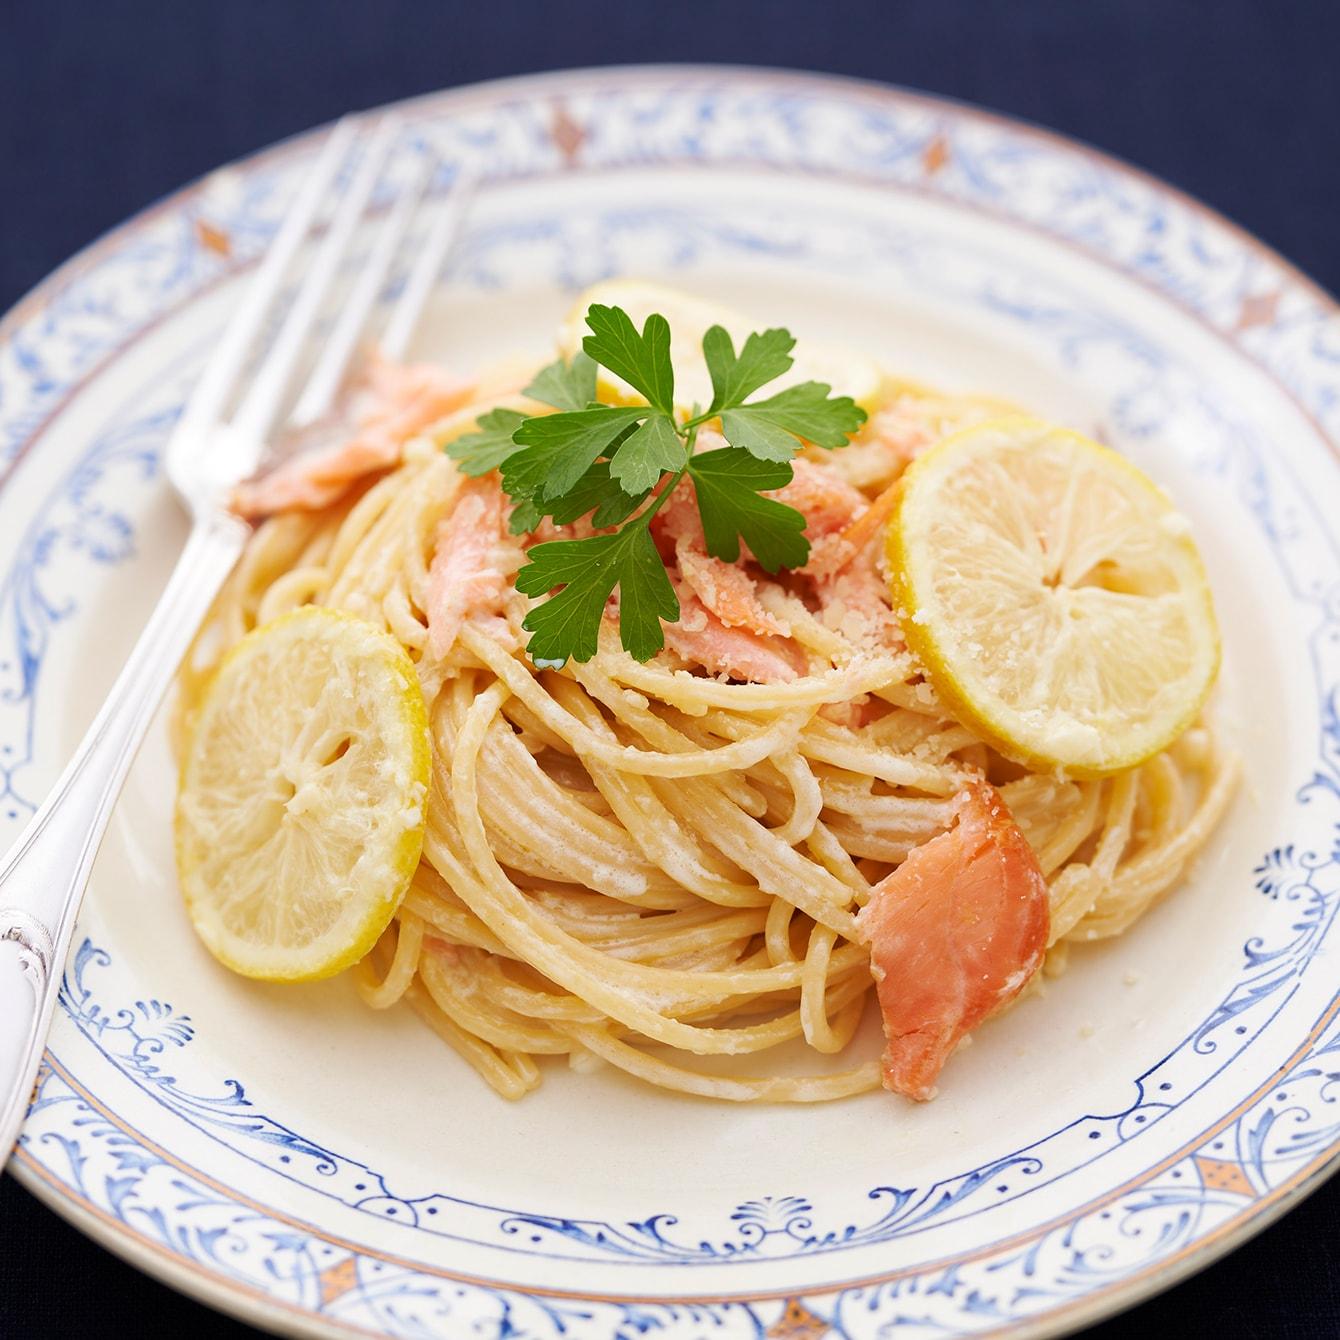 【レシピ】爽やか&クリーミィの絶妙バランス。レモンとサーモンのクリームパスタ